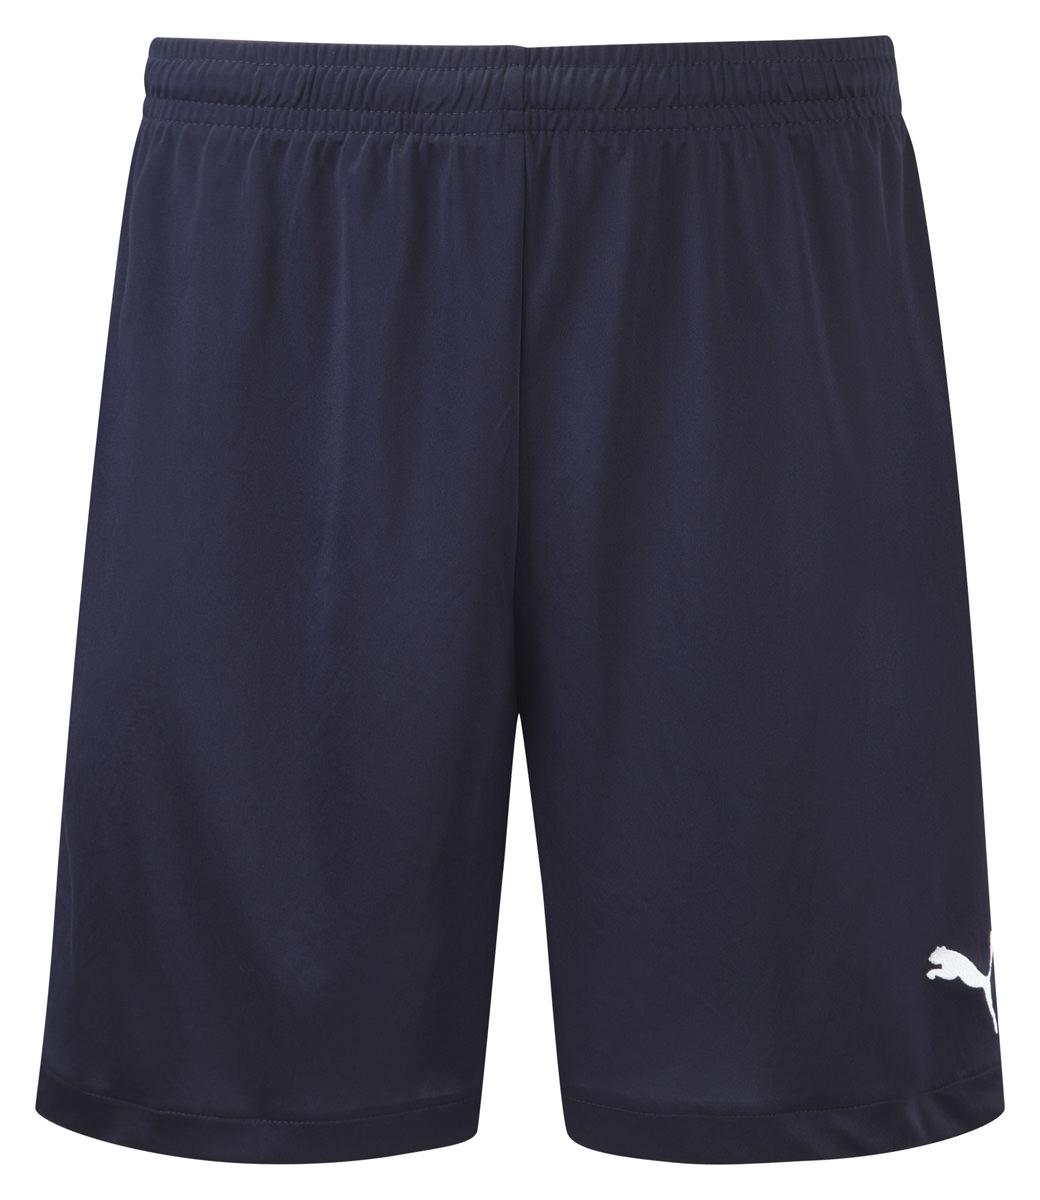 Puma SMU Velize Shorts - Navy